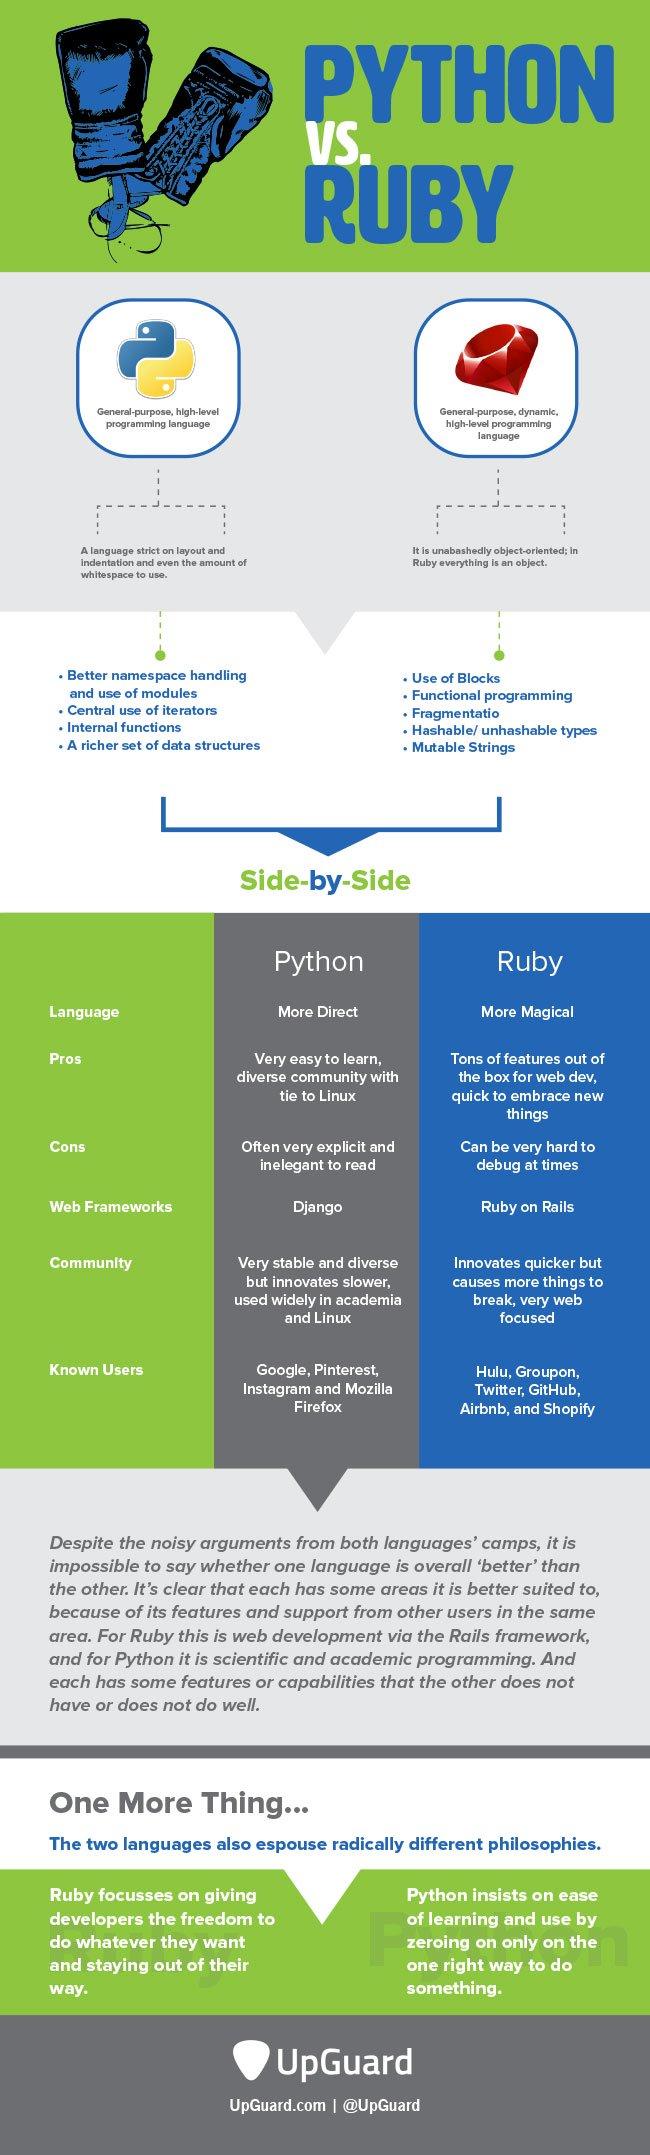 Python vs. Ruby